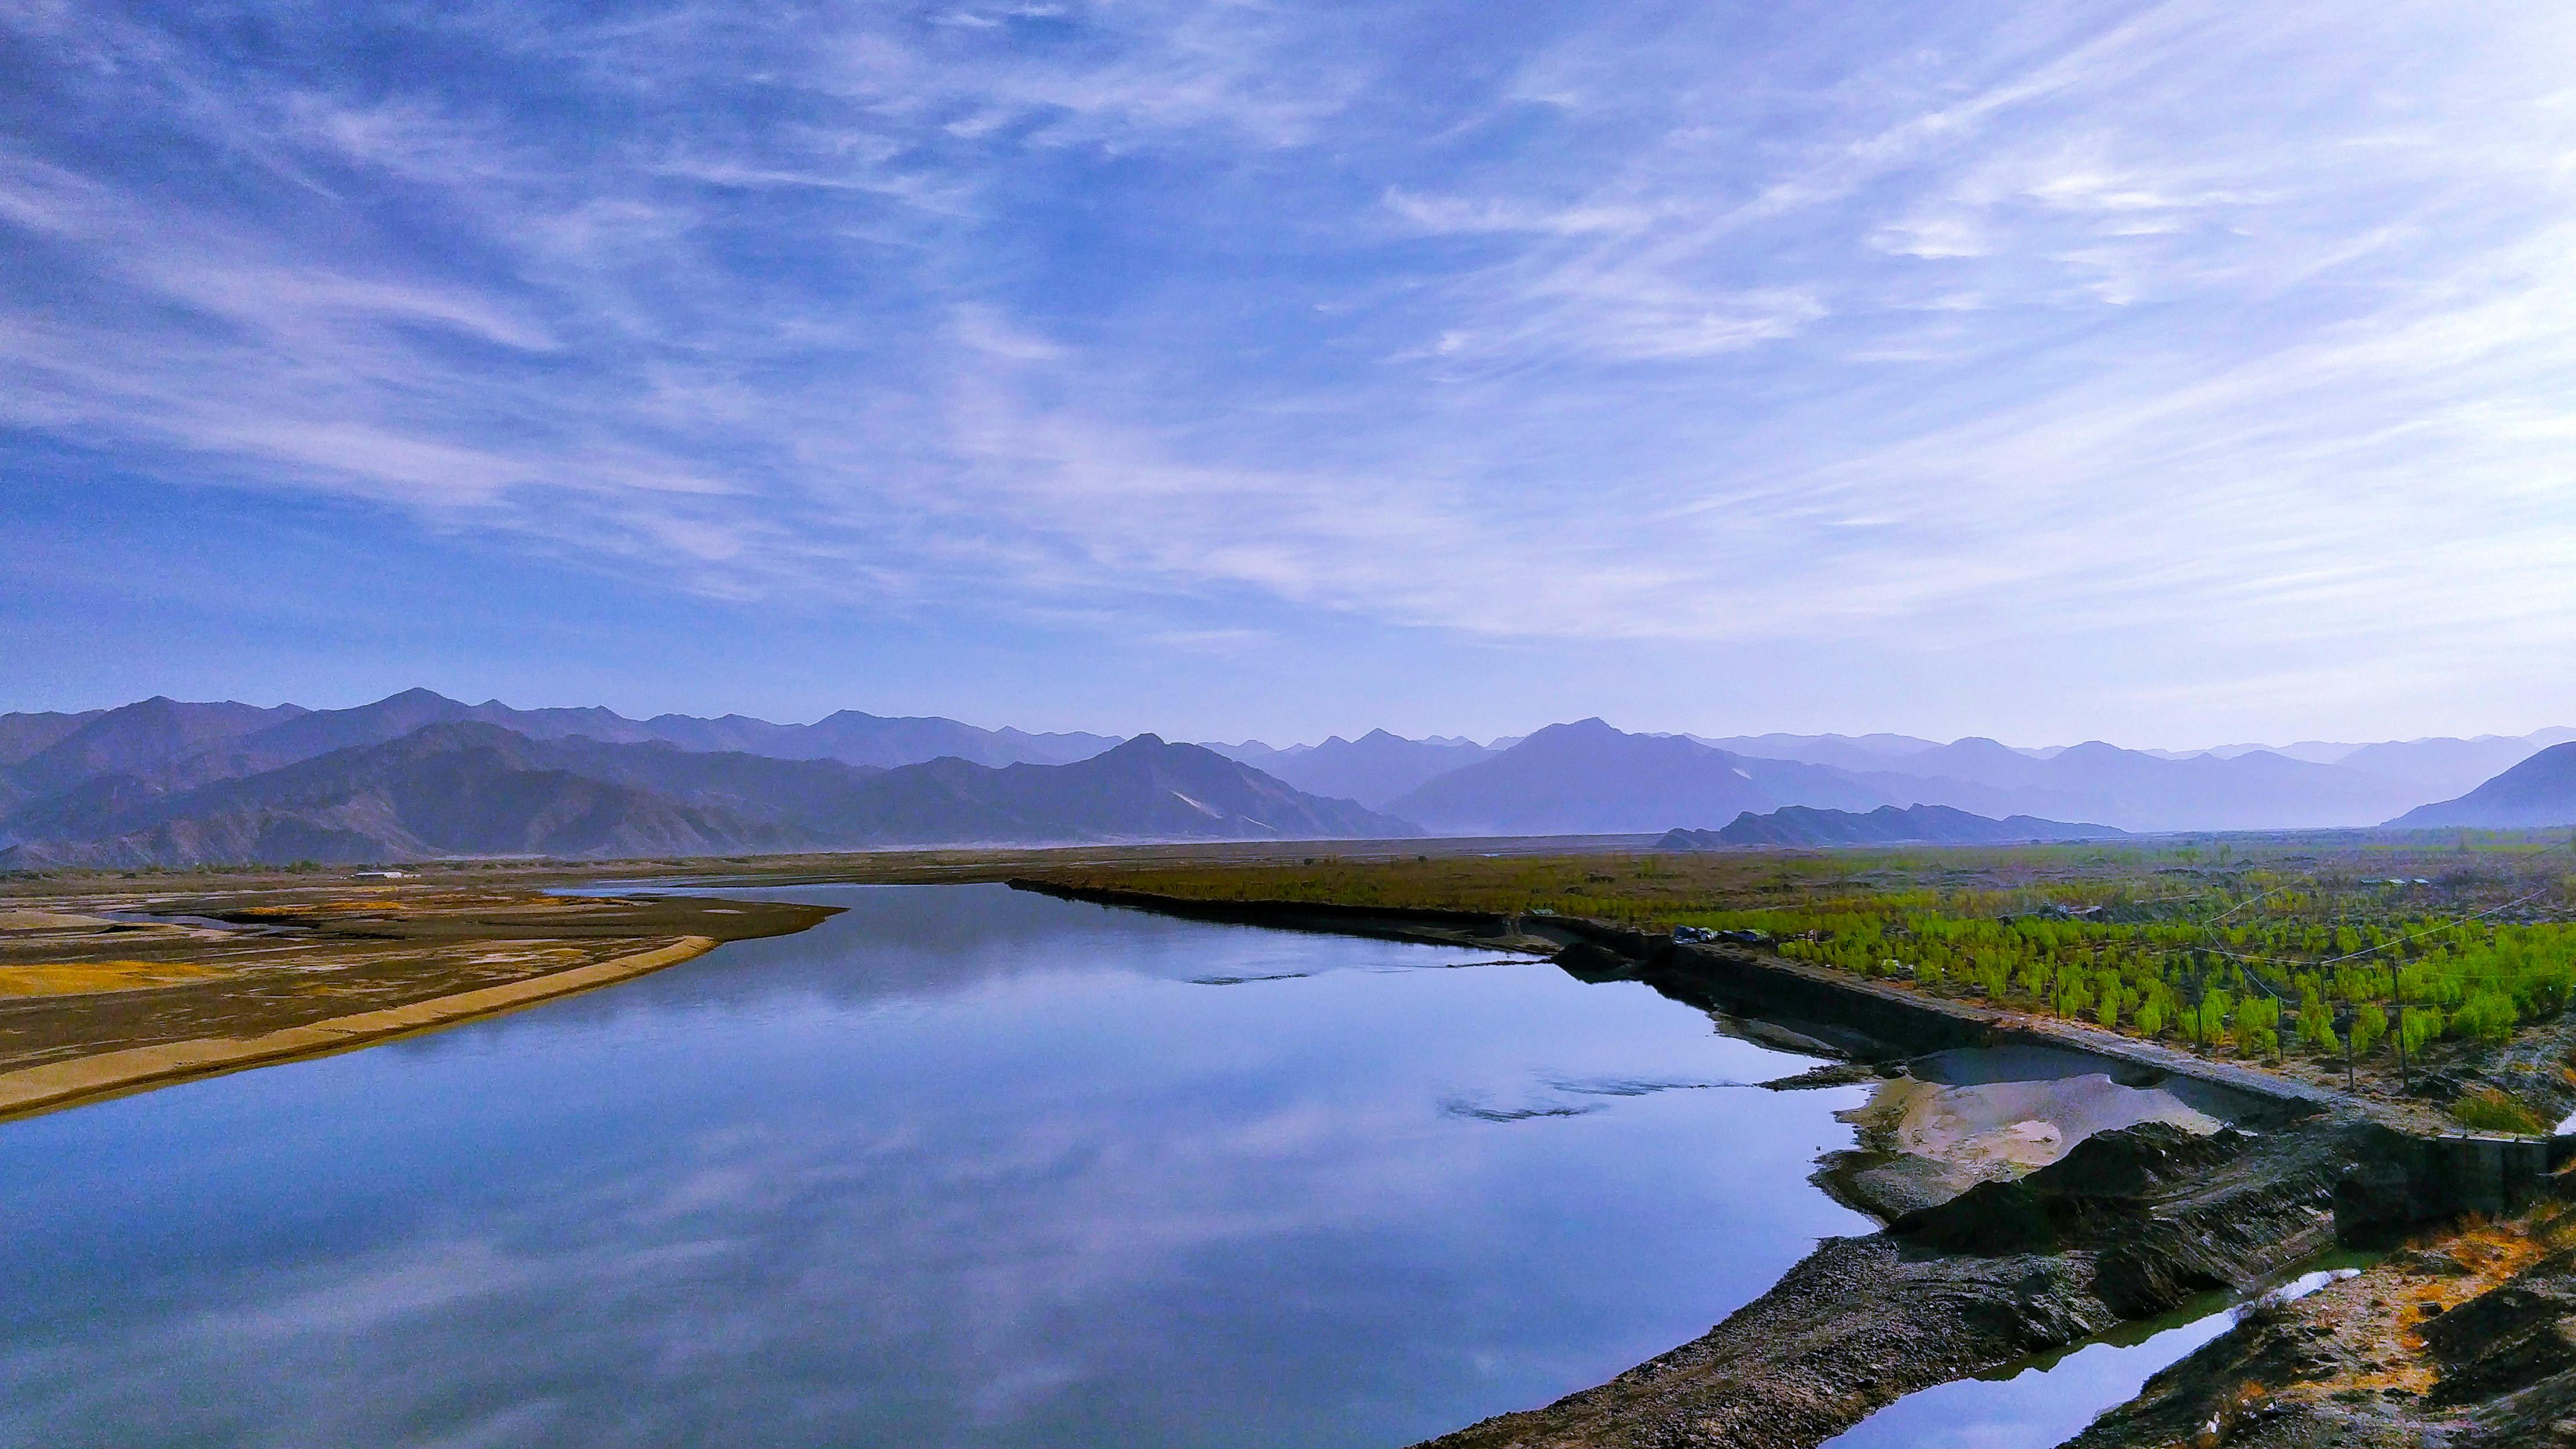 雅鲁藏布江水1.jpg